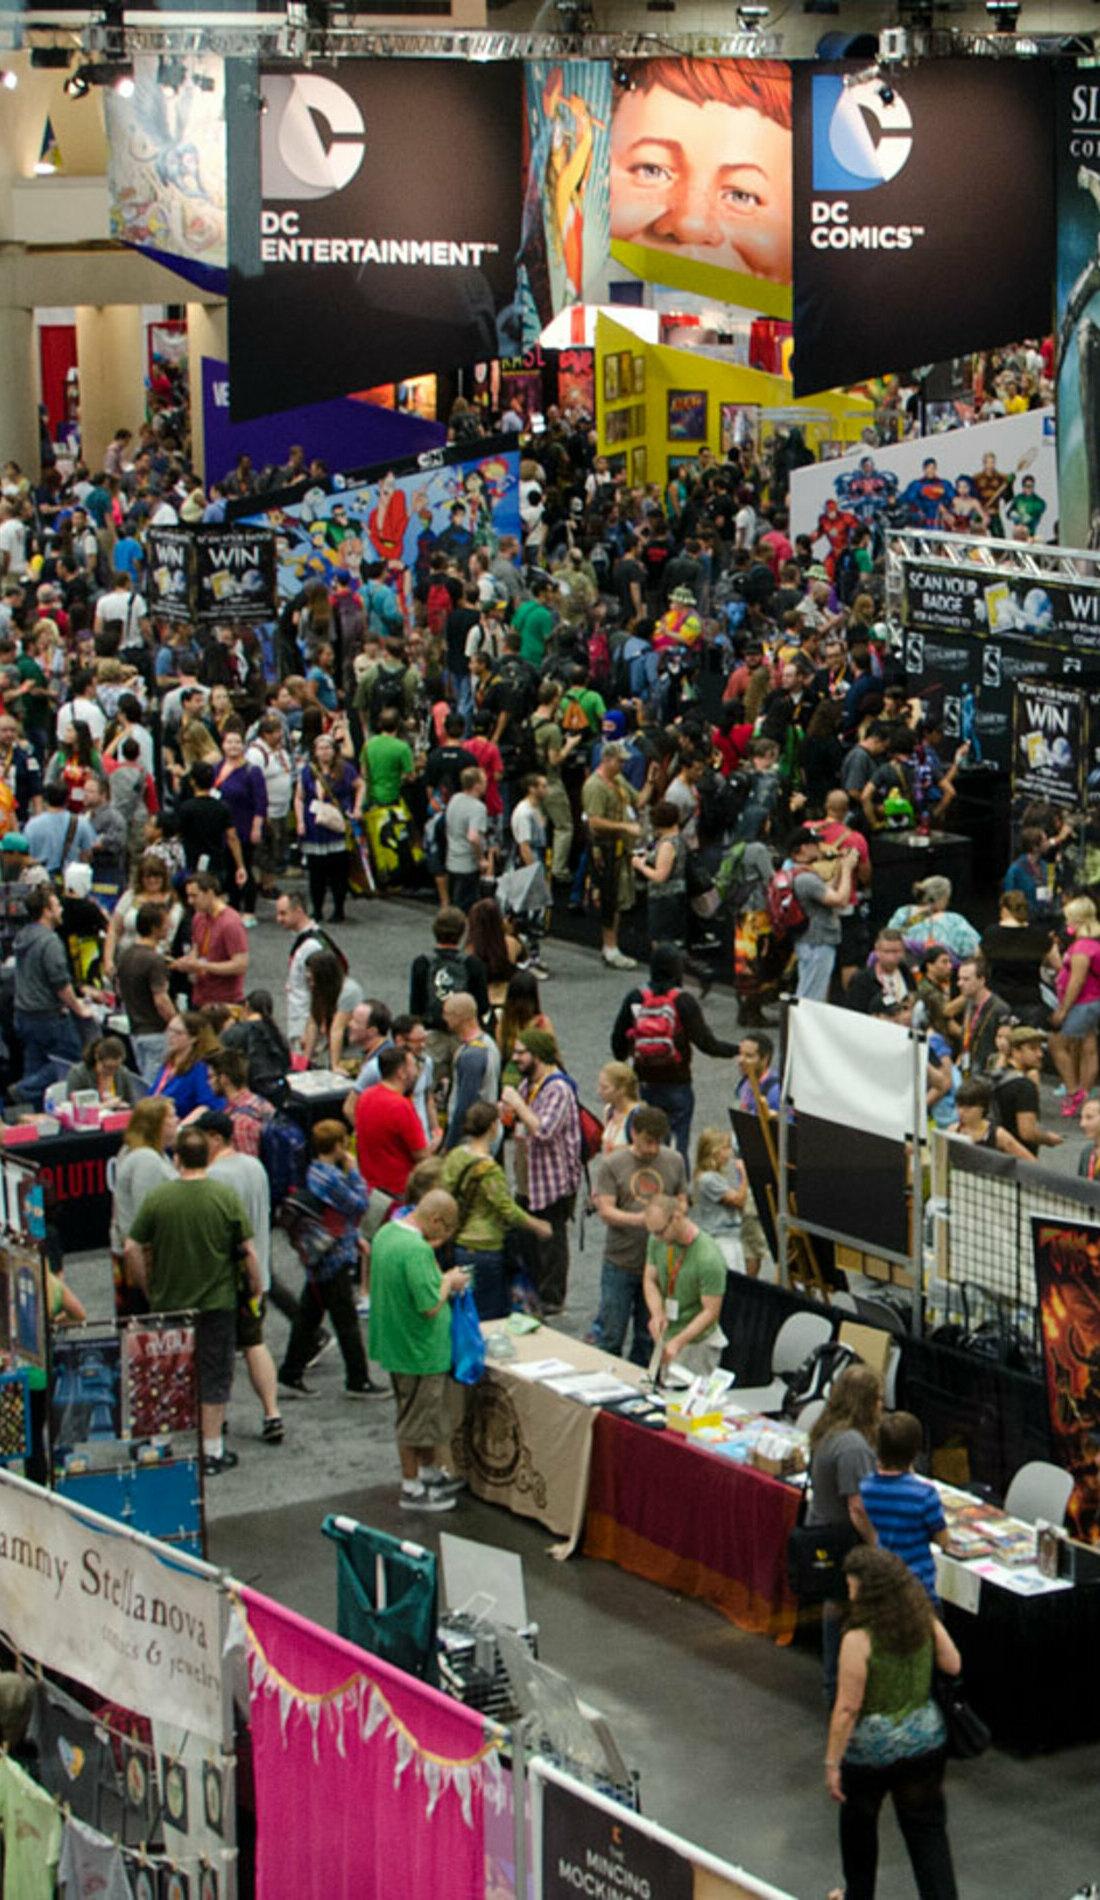 A Comic Con live event